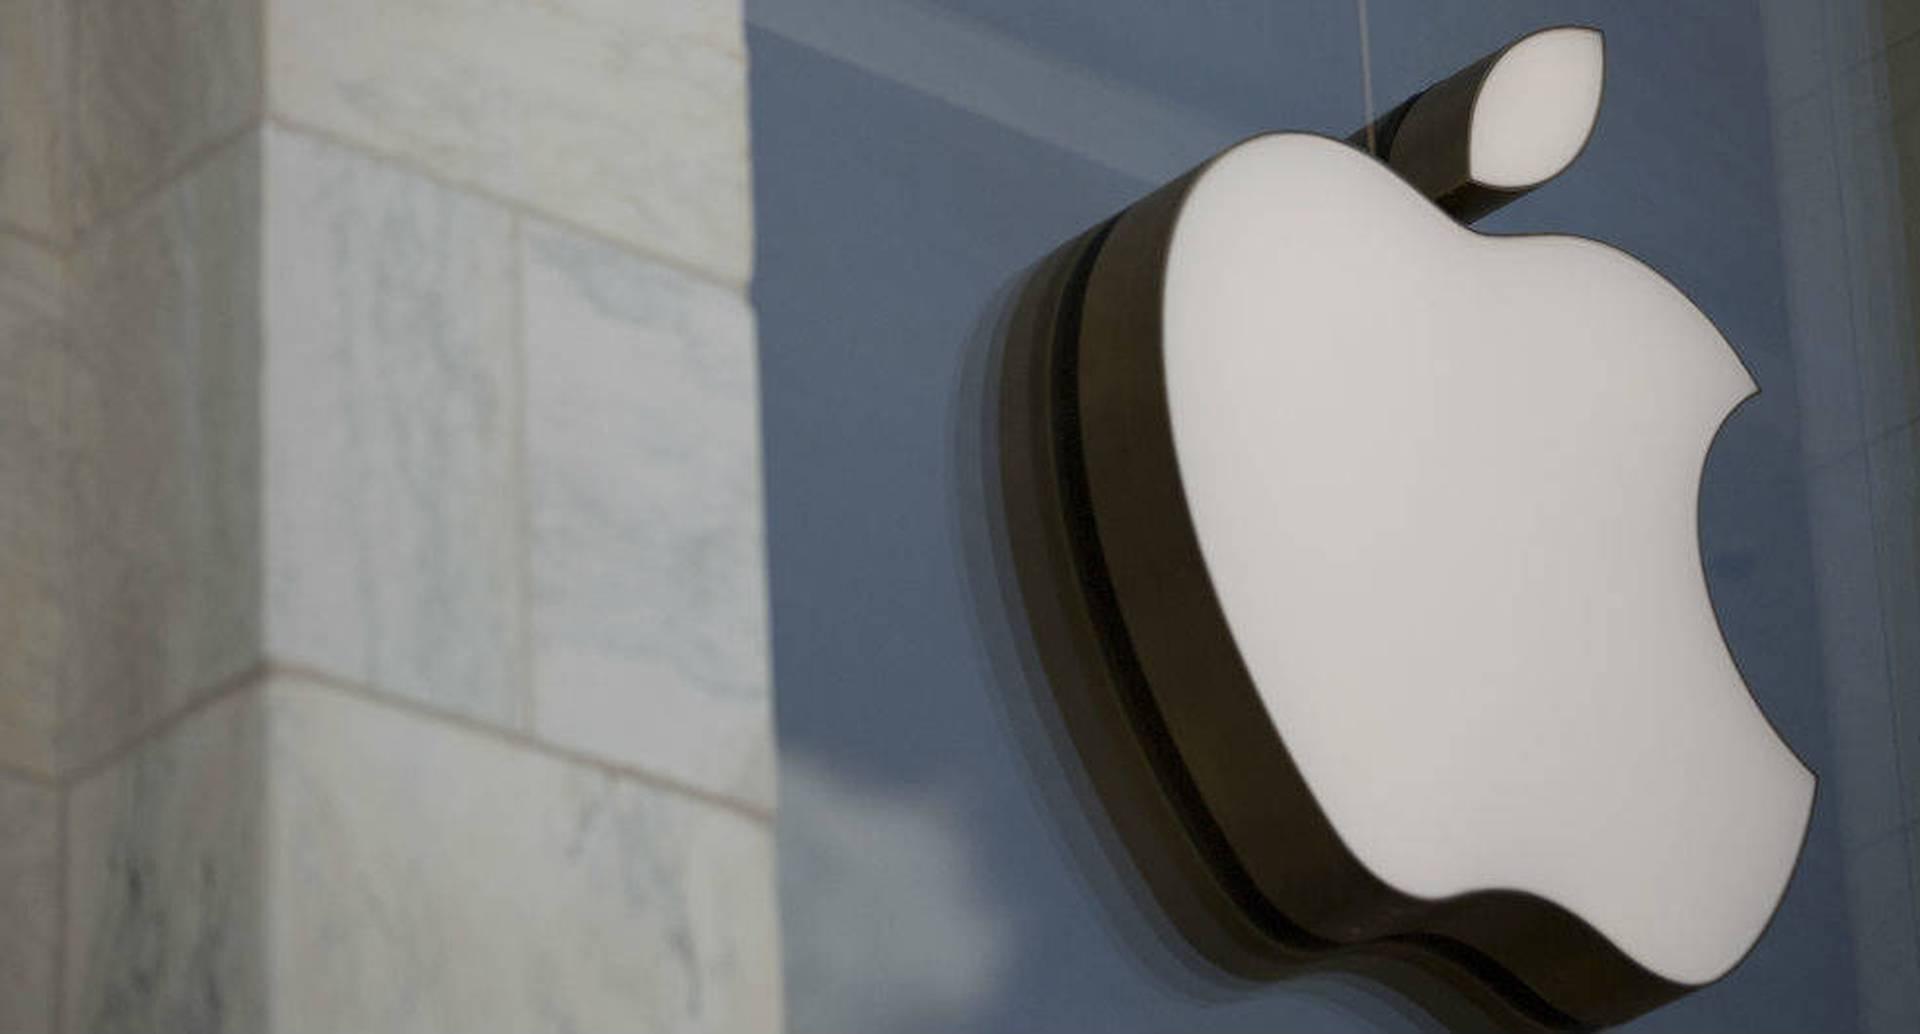 Qué se puede comprar con lo que vale Apple   Mundo hoy